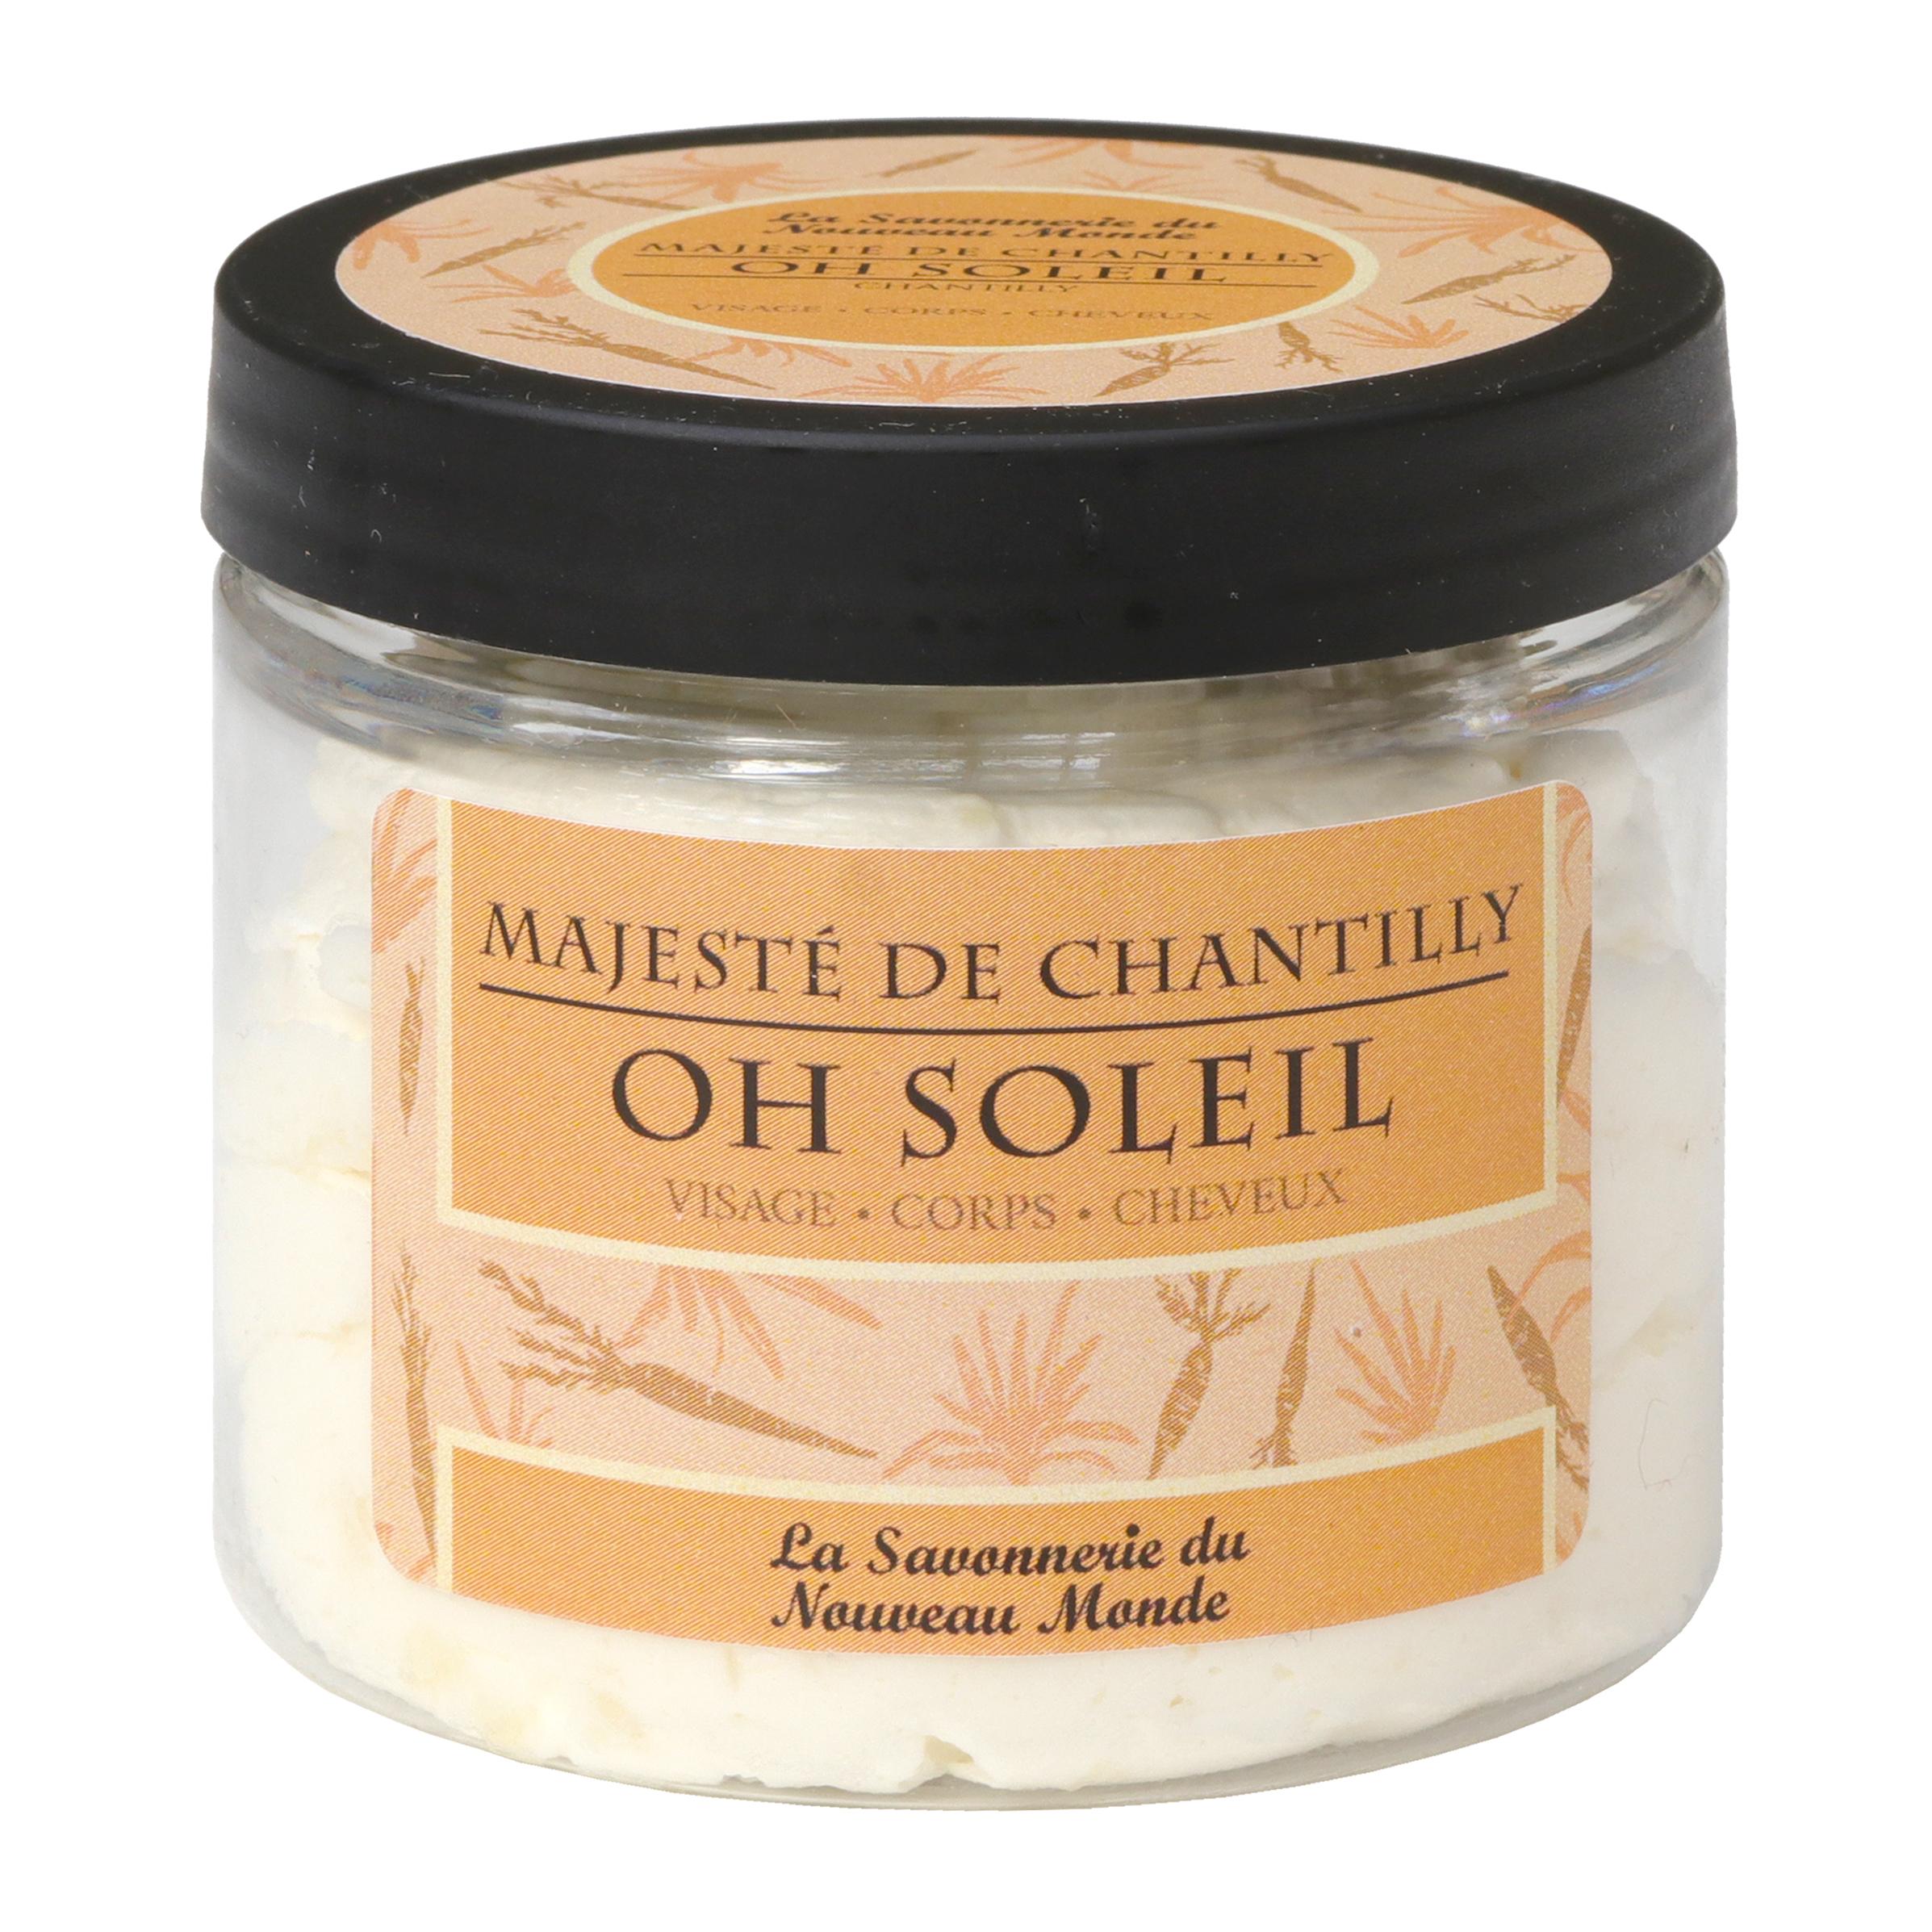 la Savonnerie du Nouveau Monde - Oh Soleil - Majeste de chantilly